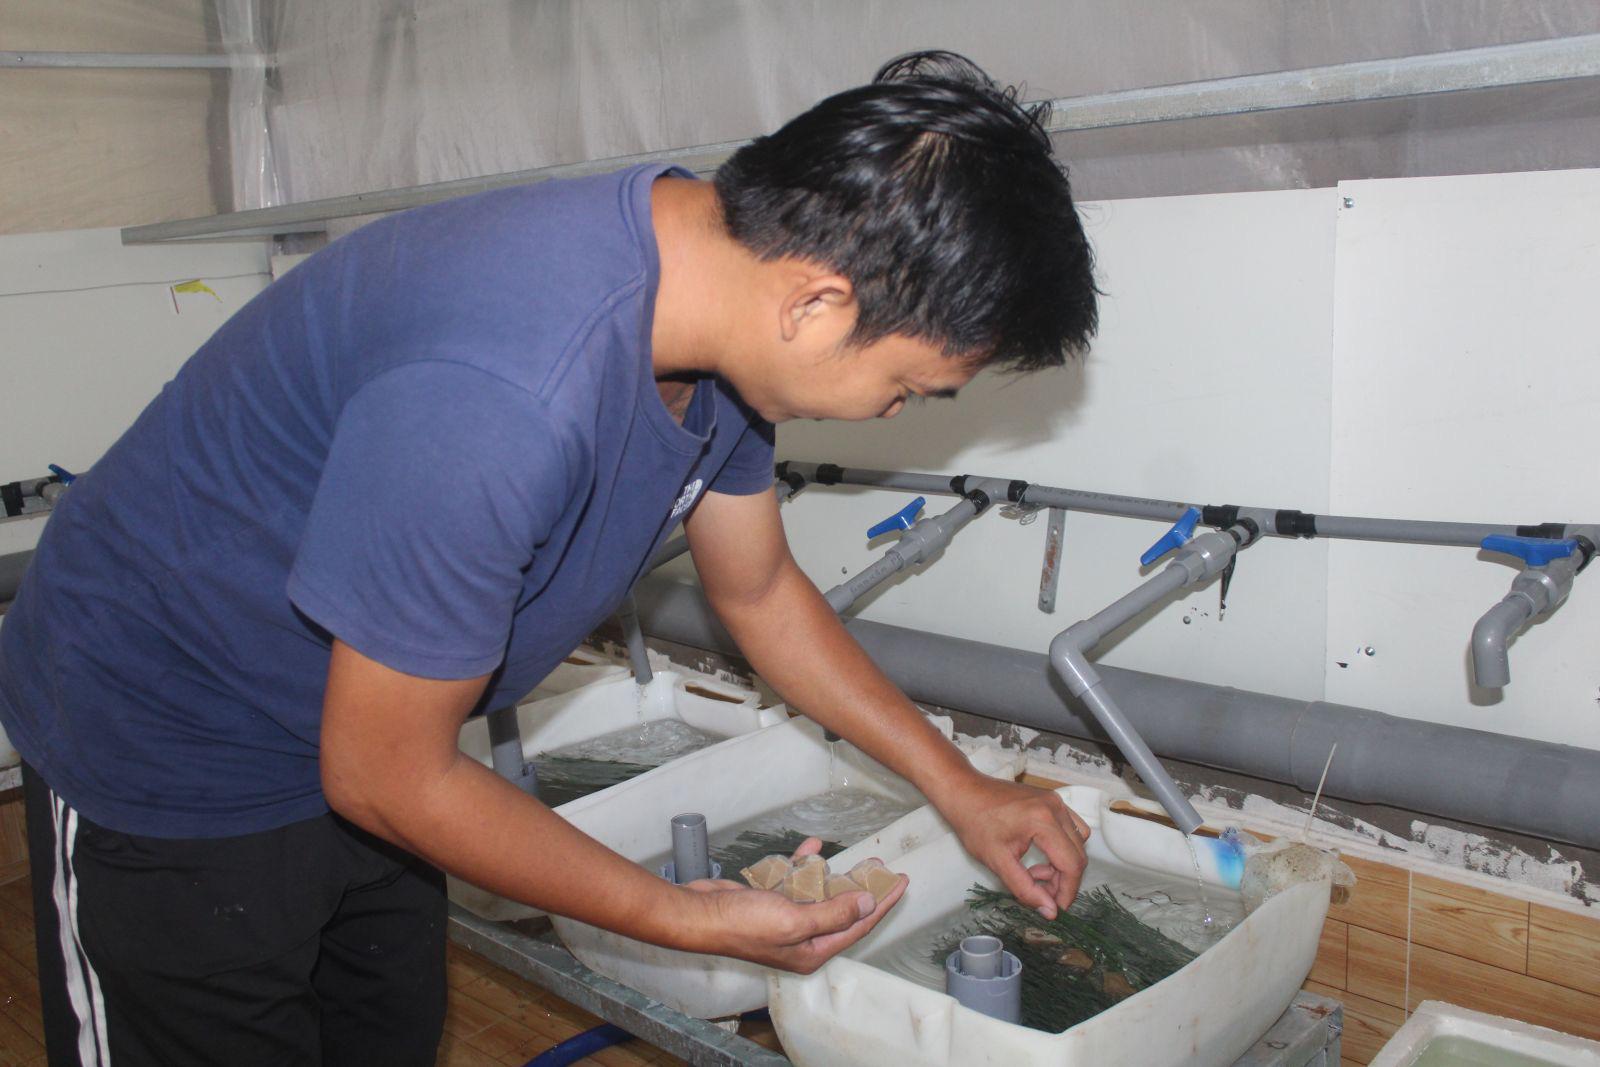 Long An: Nuôi lươn giống công nghệ cao, mỗi tháng bán ra 100 ngàn con lươn mà không đủ bán - Ảnh 1.